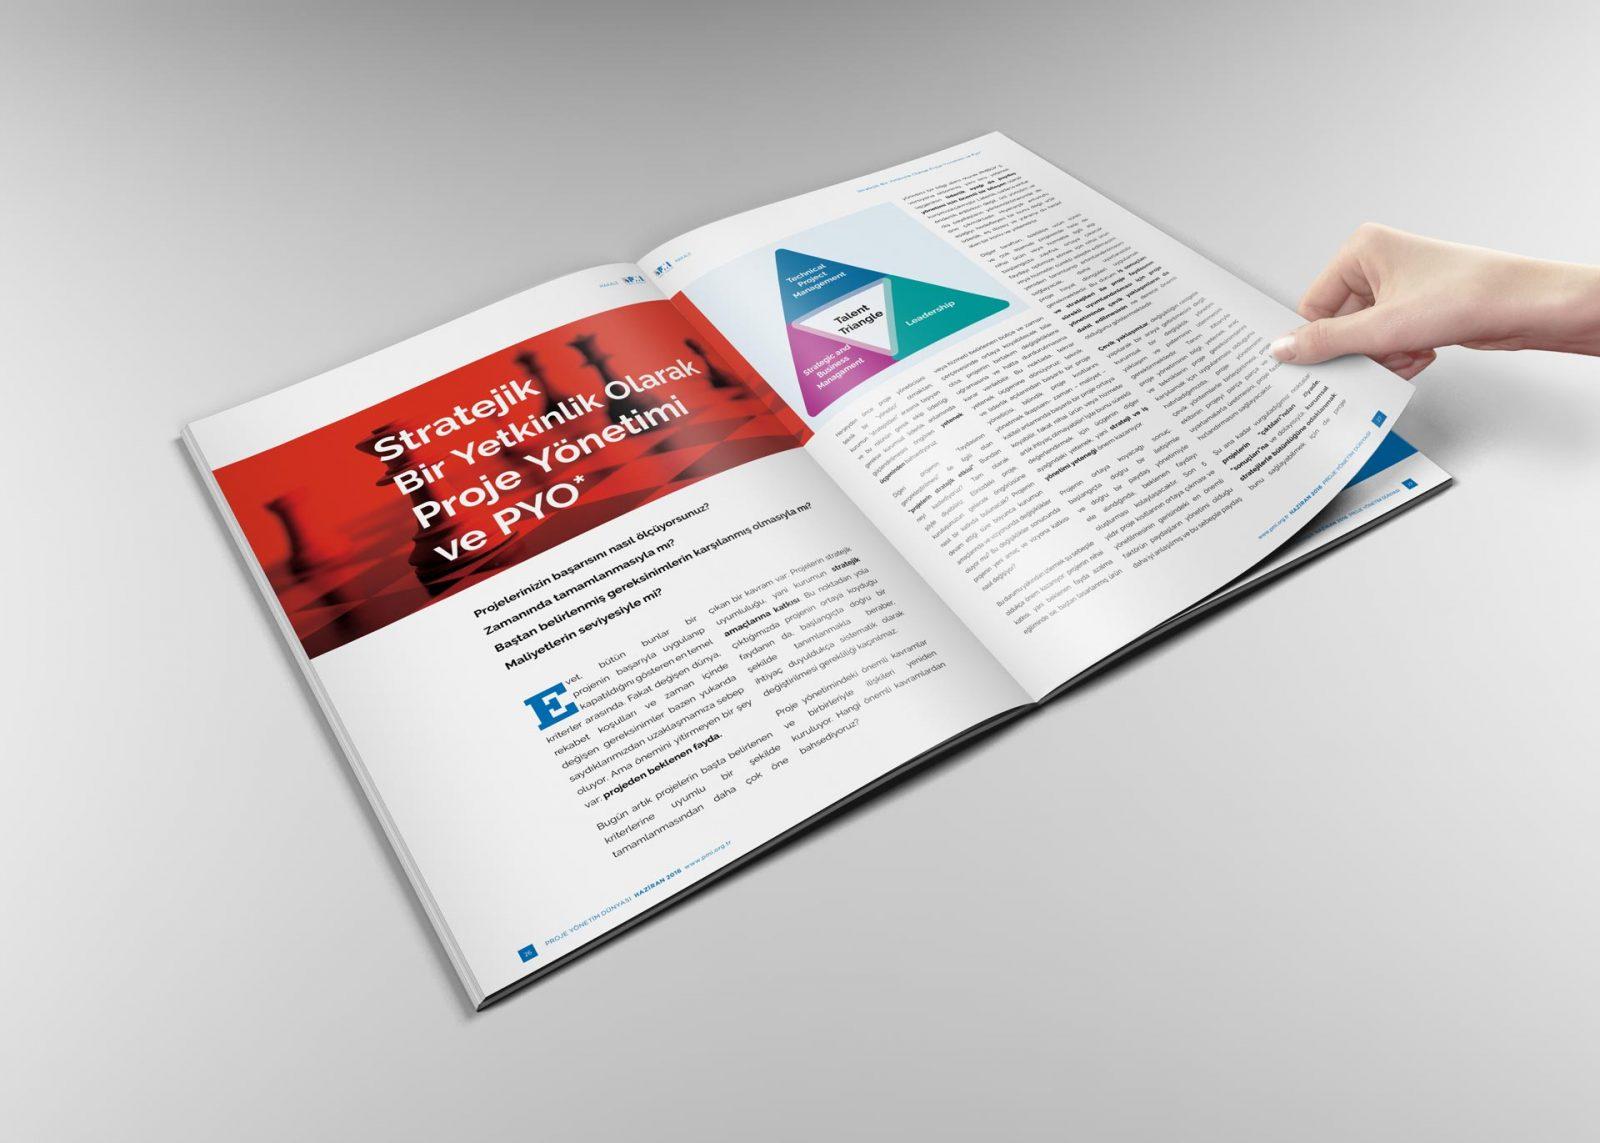 pmi tr dergi tasarımı 10